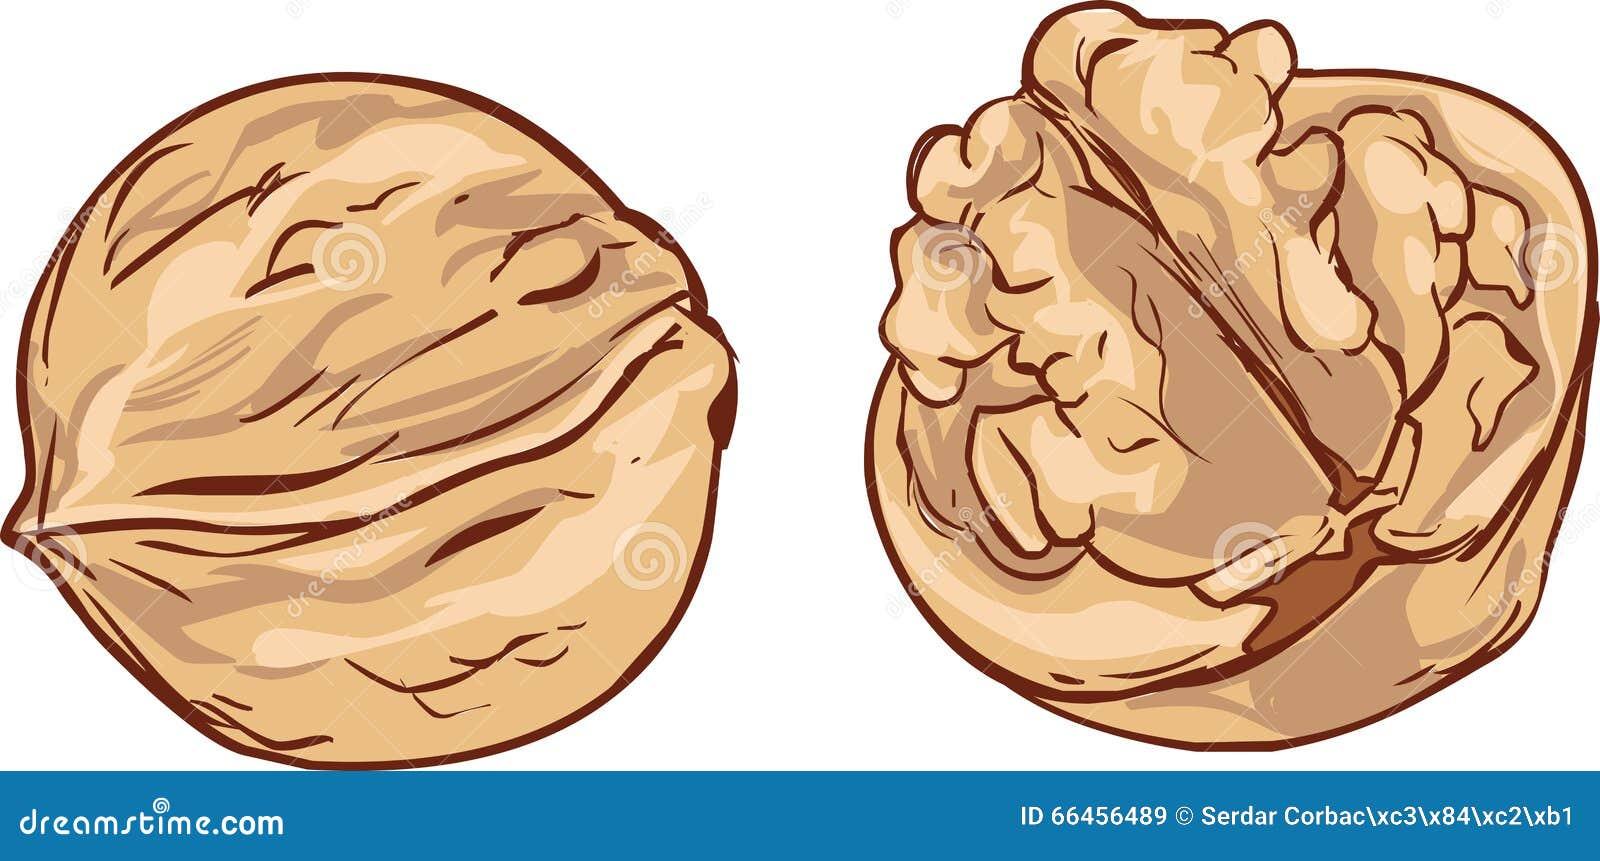 White background Hand drawn walnut cartoon vector